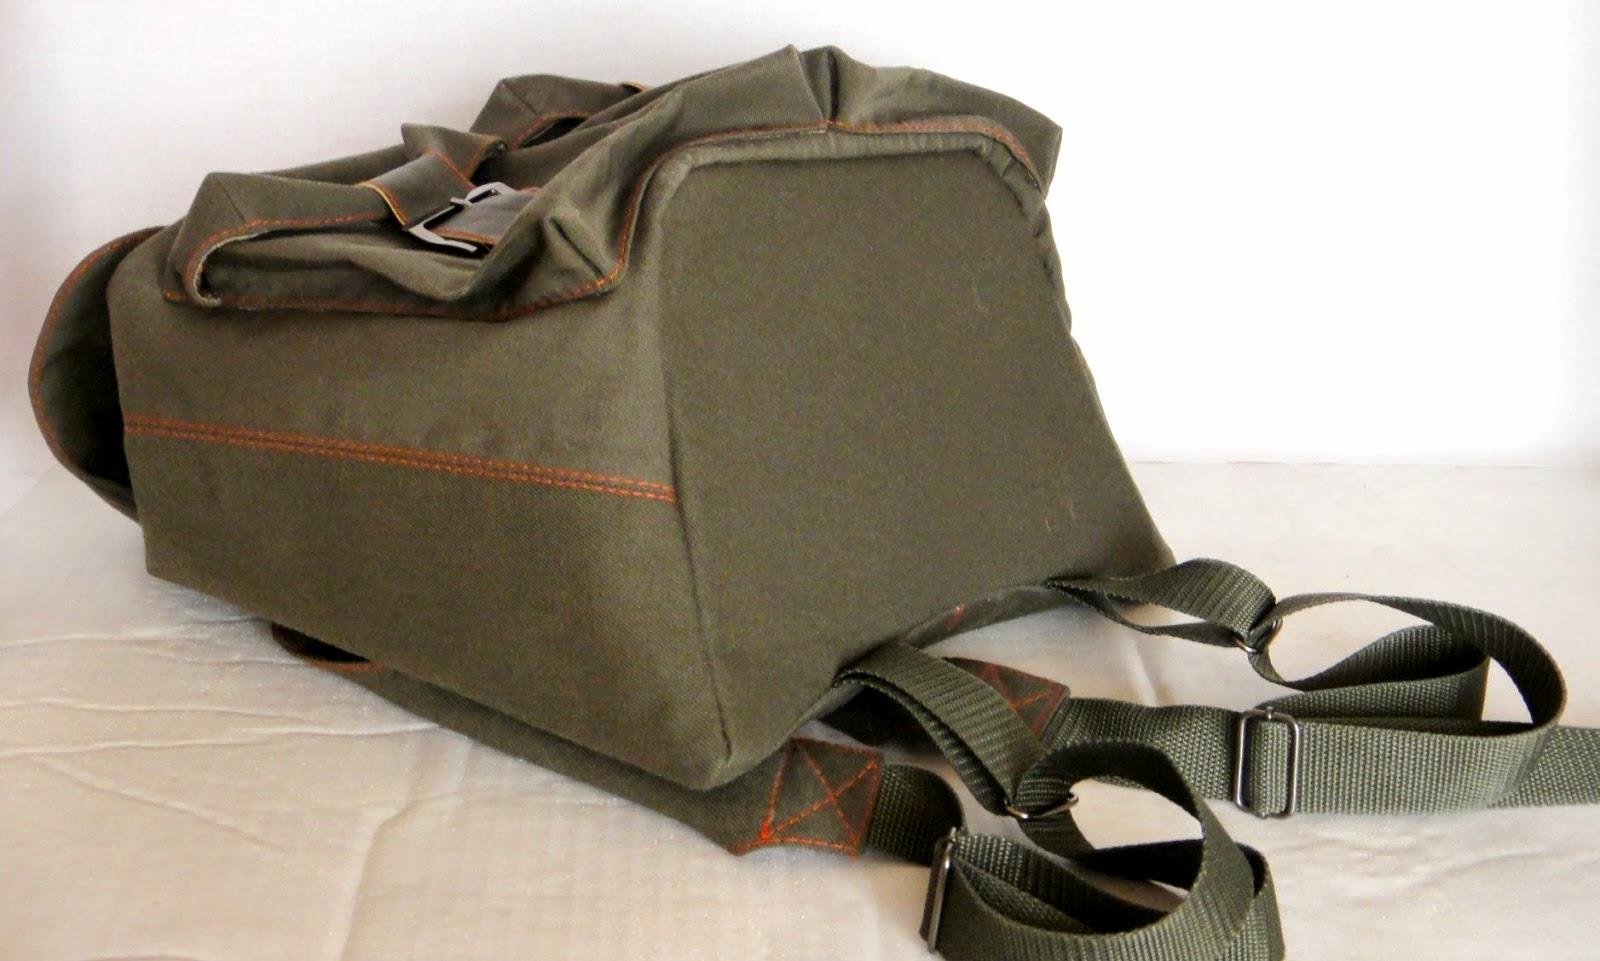 Большой рюкзак для школьника - жесткое скругленное дно для удобного прилегания